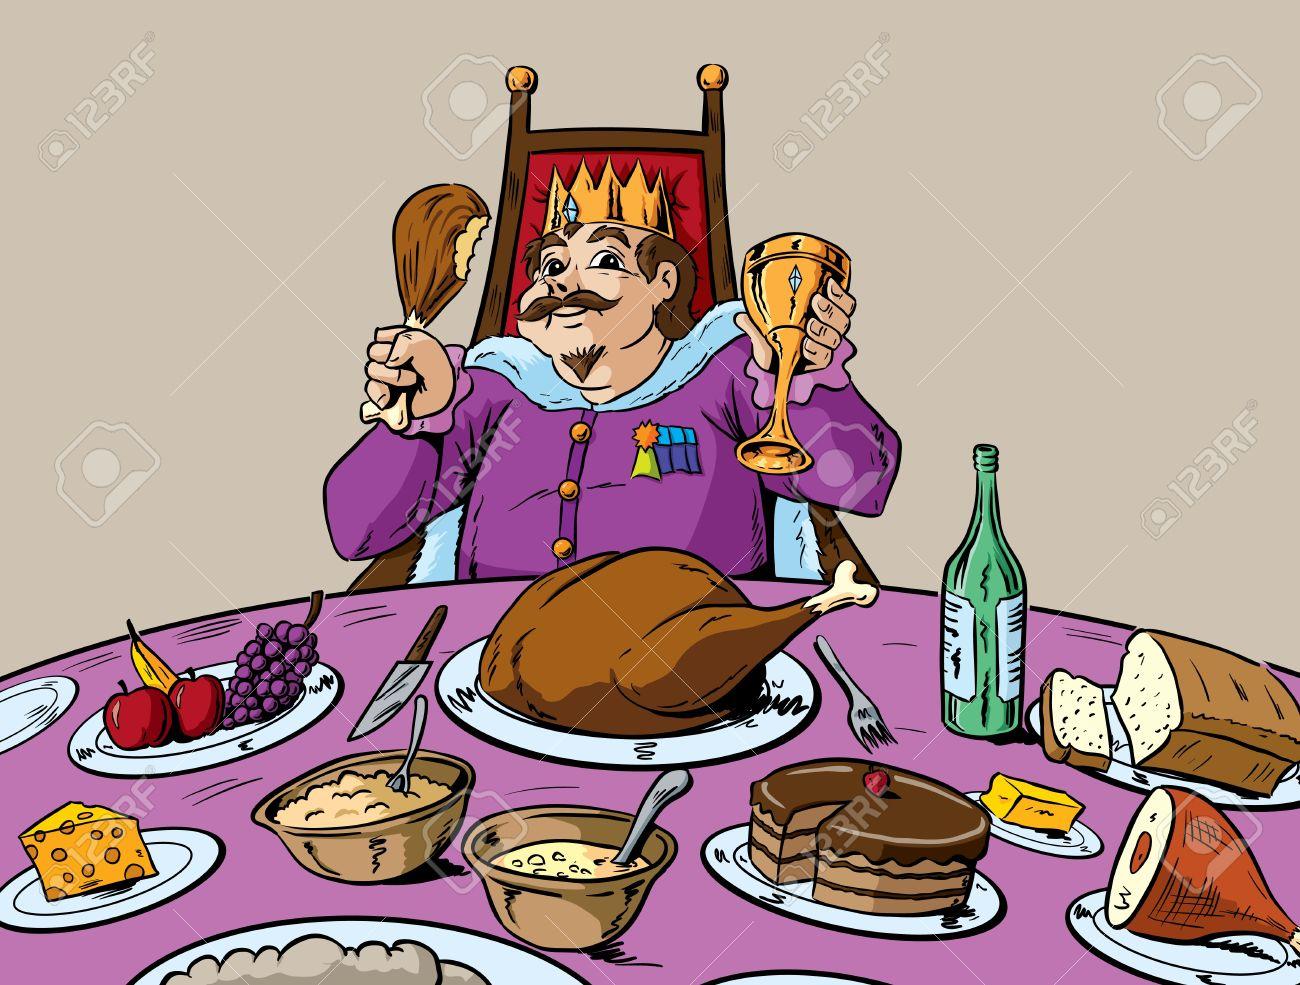 Eat like a king - 17831694